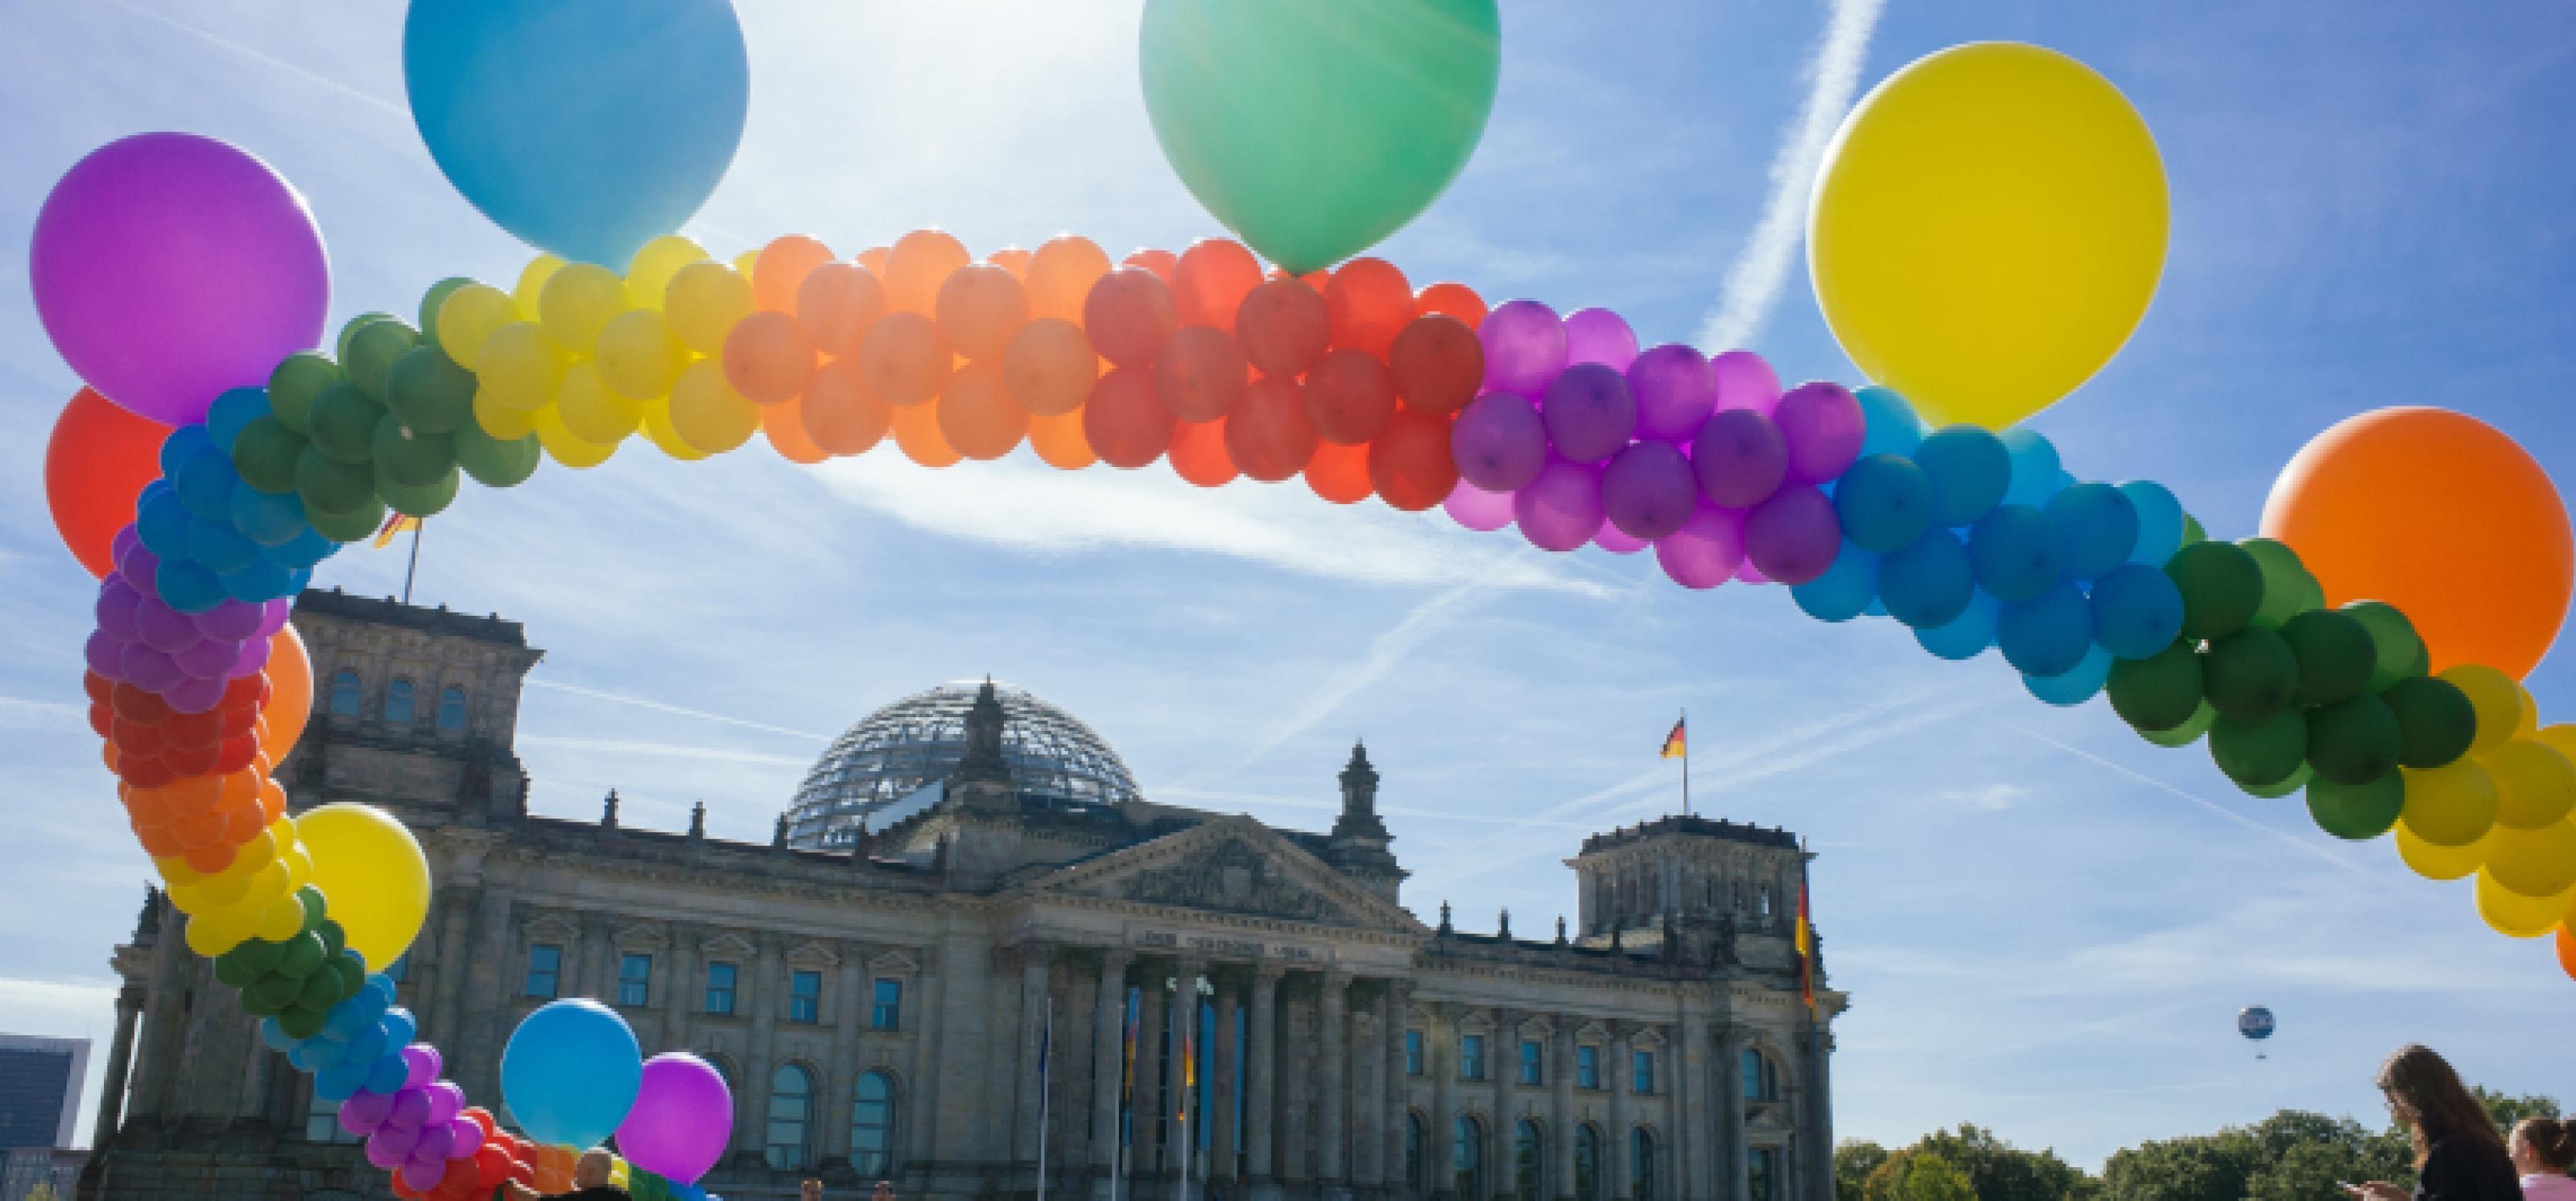 Über dem Reichstag weht eine Kette aus Luftballons in Regenbogenfarben